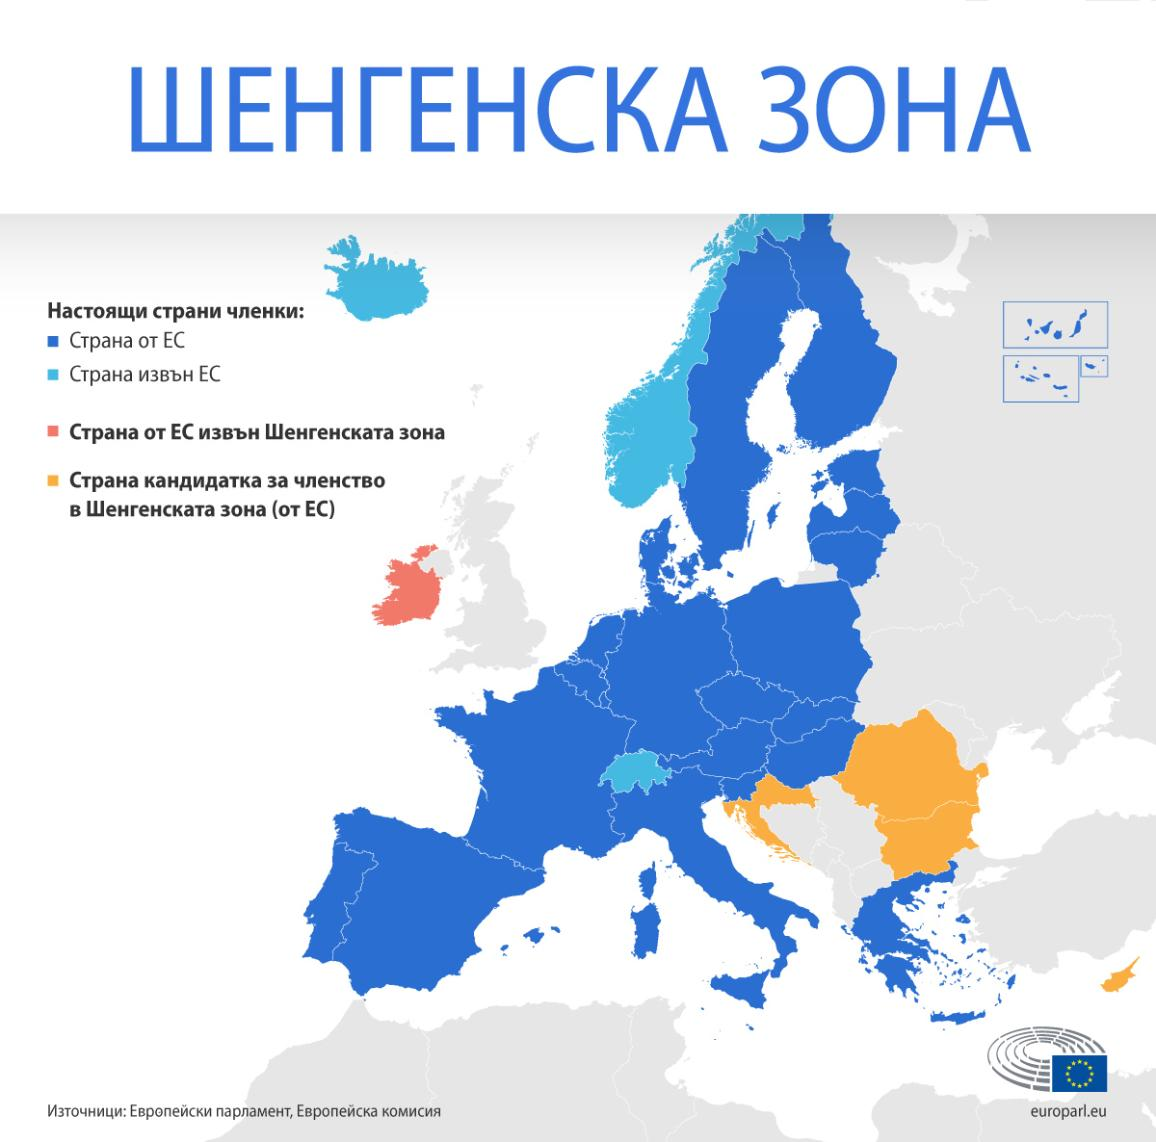 Карта на Шенгенската зона, посочваща страните членки от и извън ЕС и страните кандидатки за членство